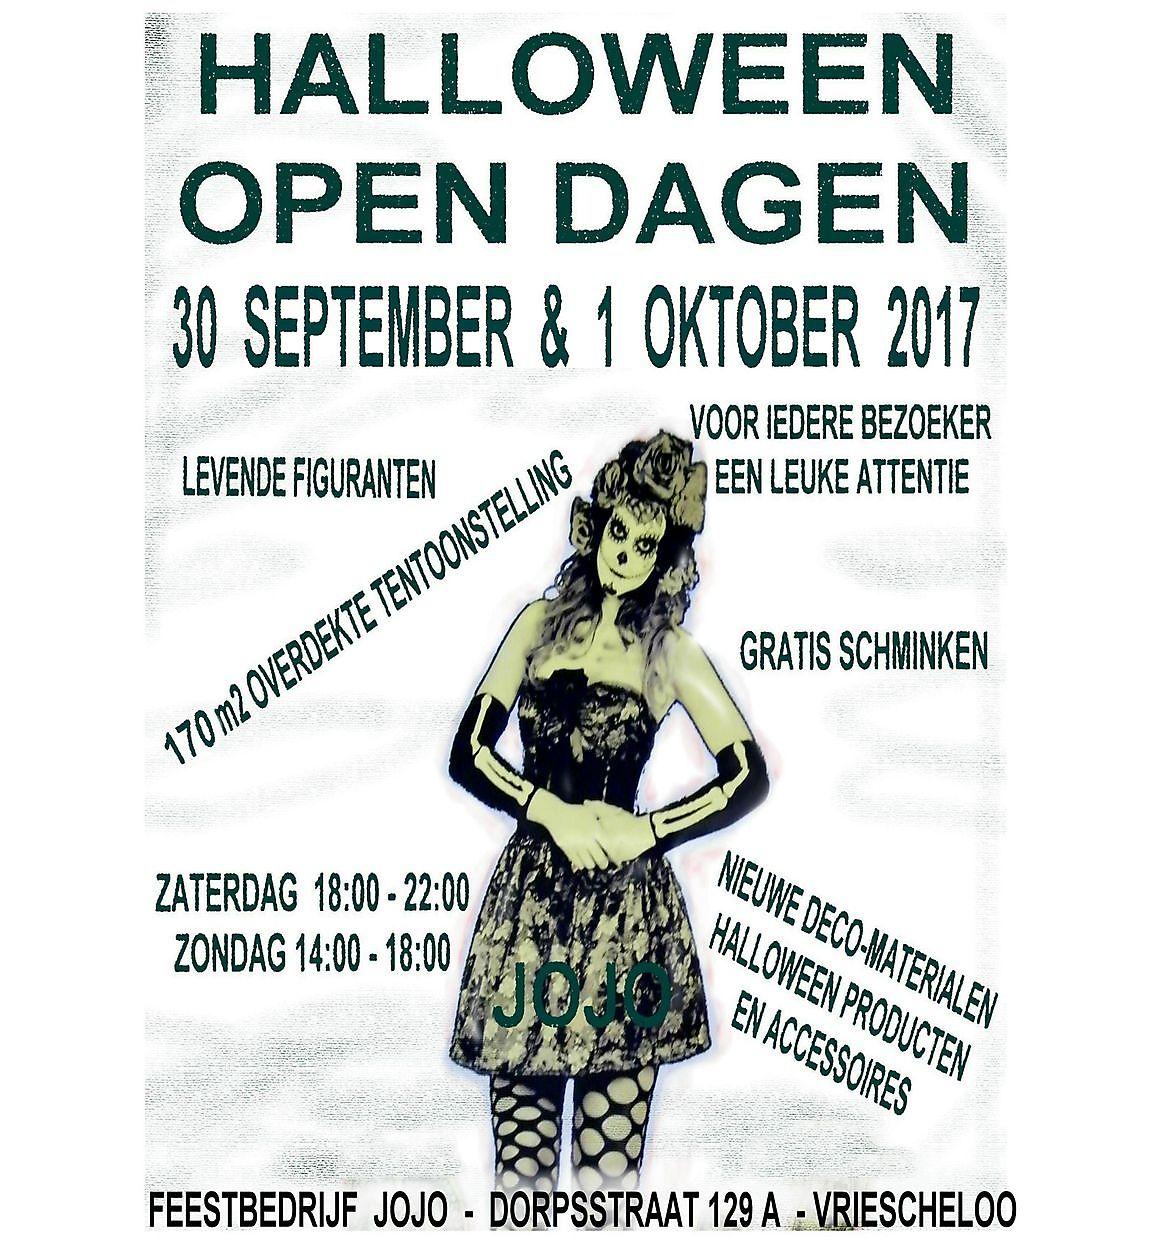 Halloween Schminken Deutsch.Halloween Opendagen 2017 Vriescheloo Deutsch Oostgrunn Nl Eine